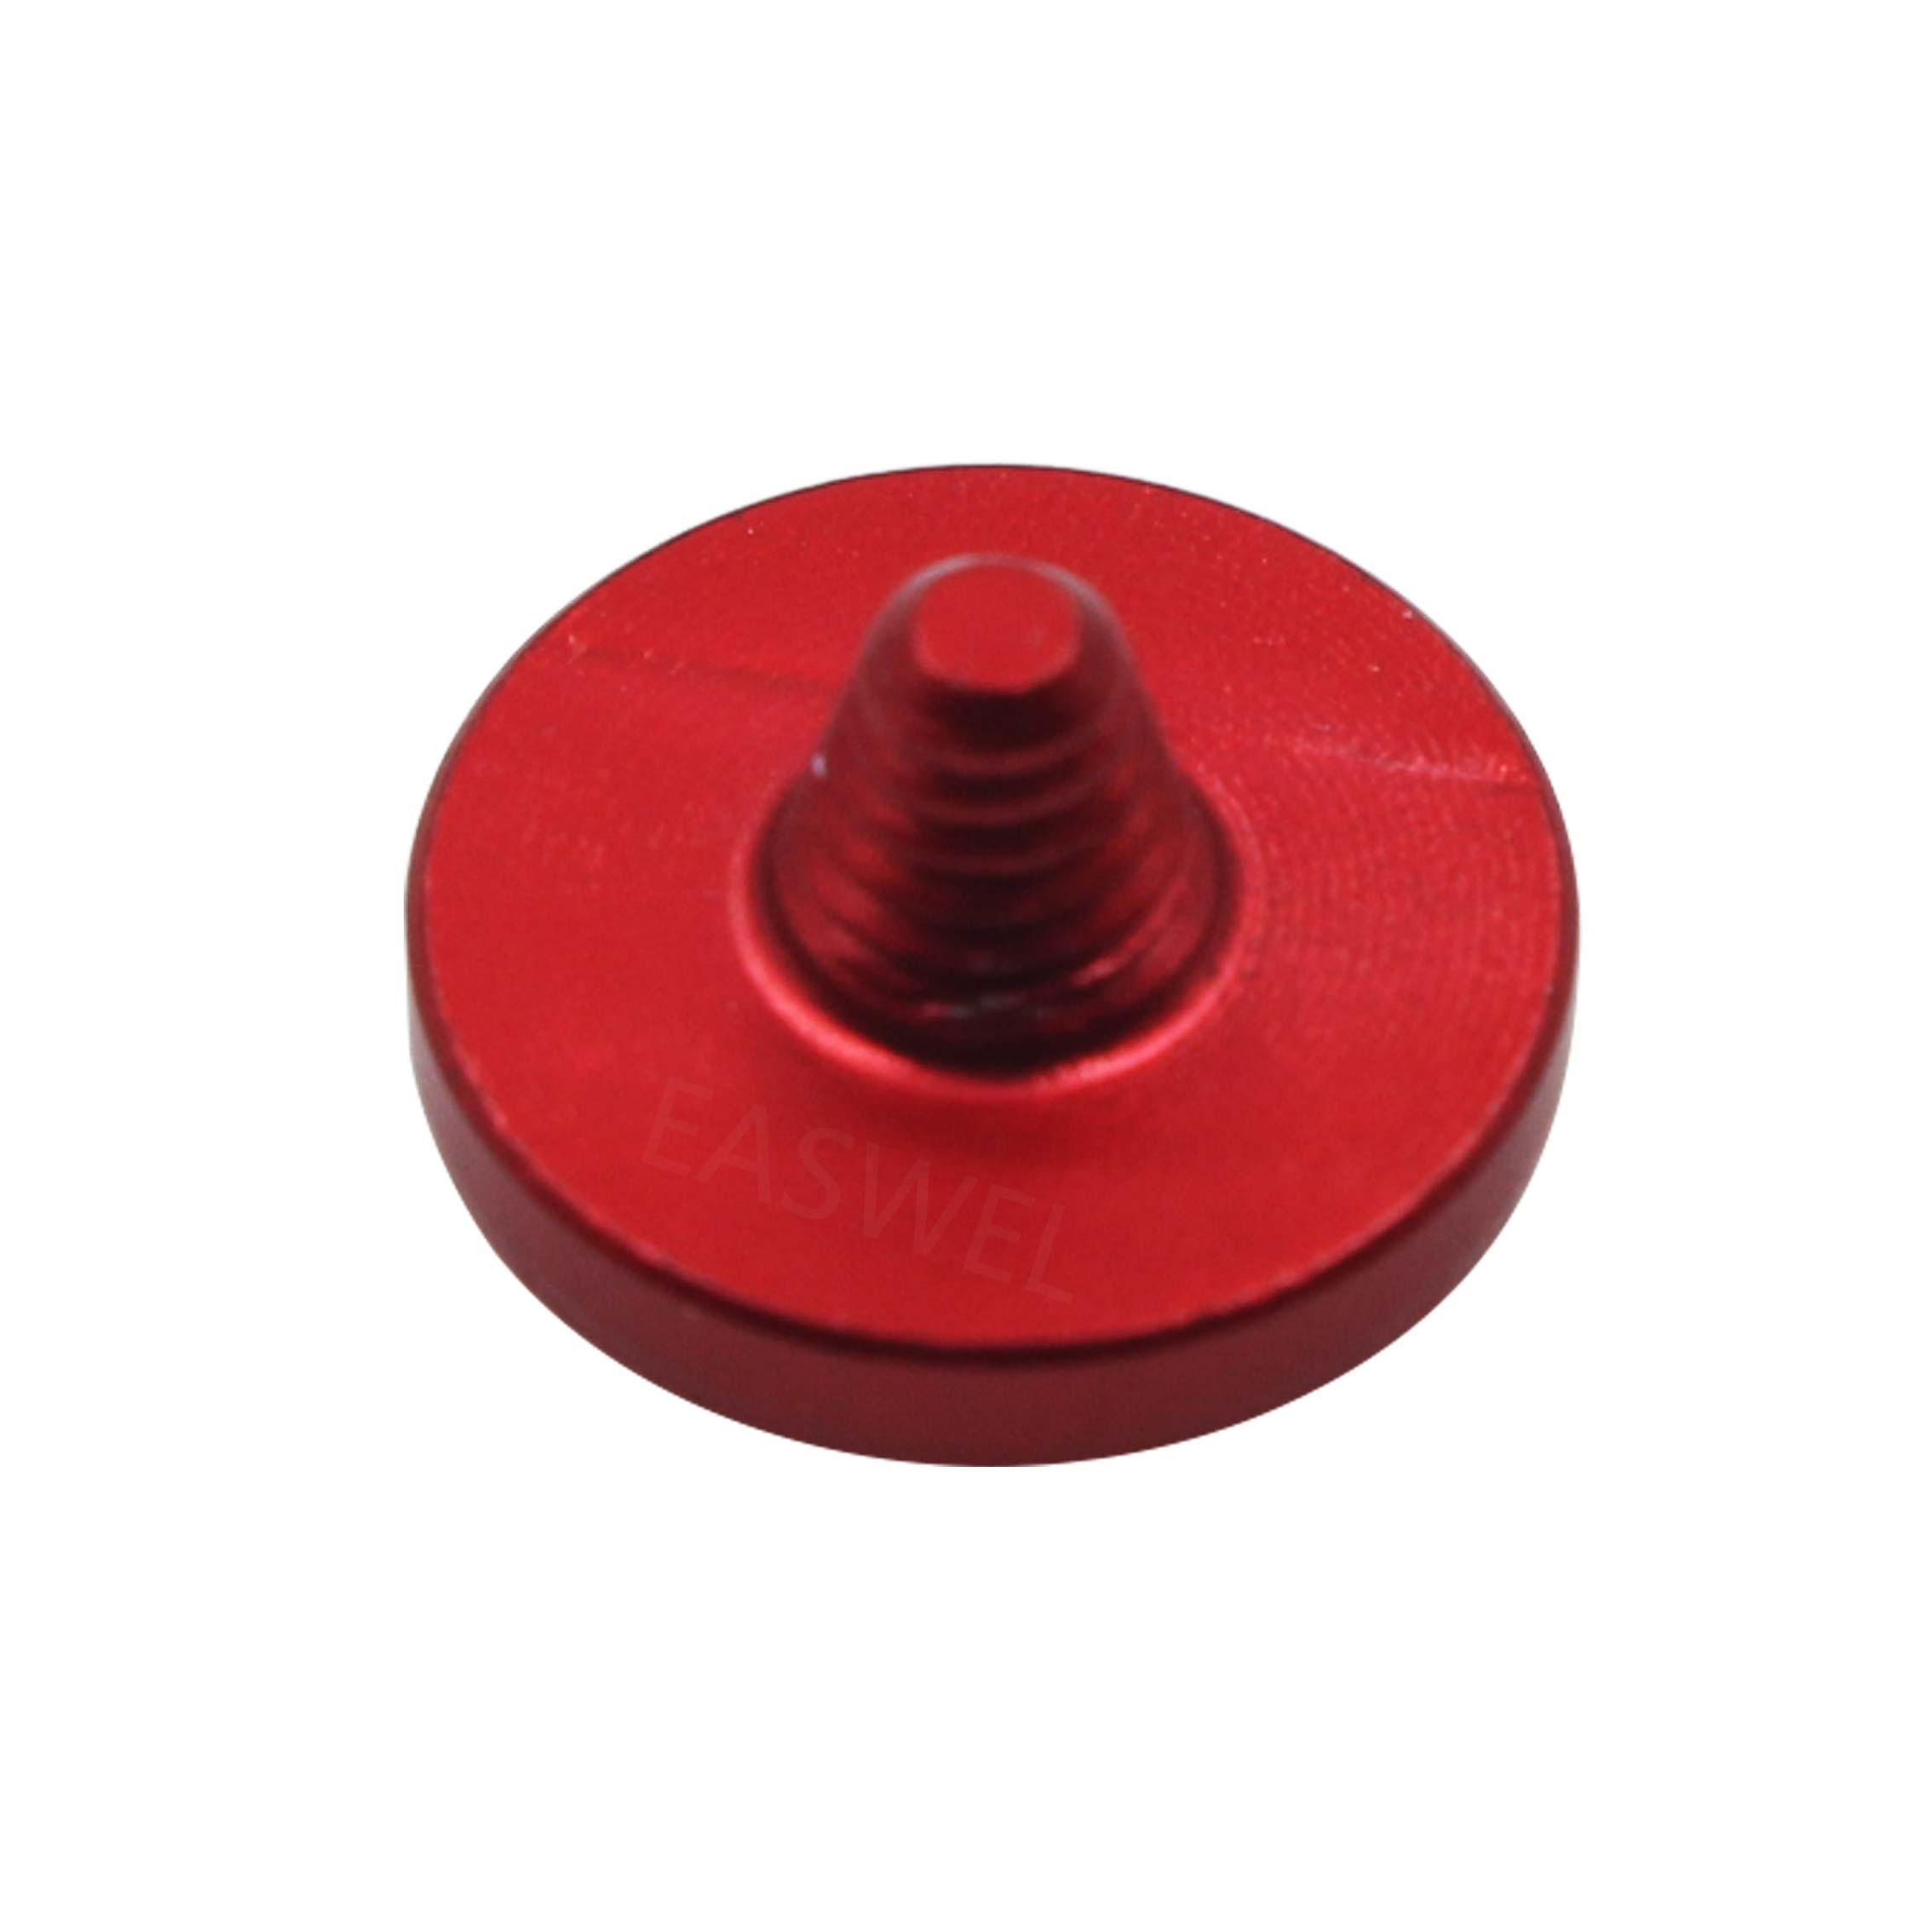 Red Concave Convex Flat Release Shutter Button for Leica Fujifilm X100 x100s x10 x20 X-Pro1 m3 m6 m8 m9 x-e1 x-e2 Camera